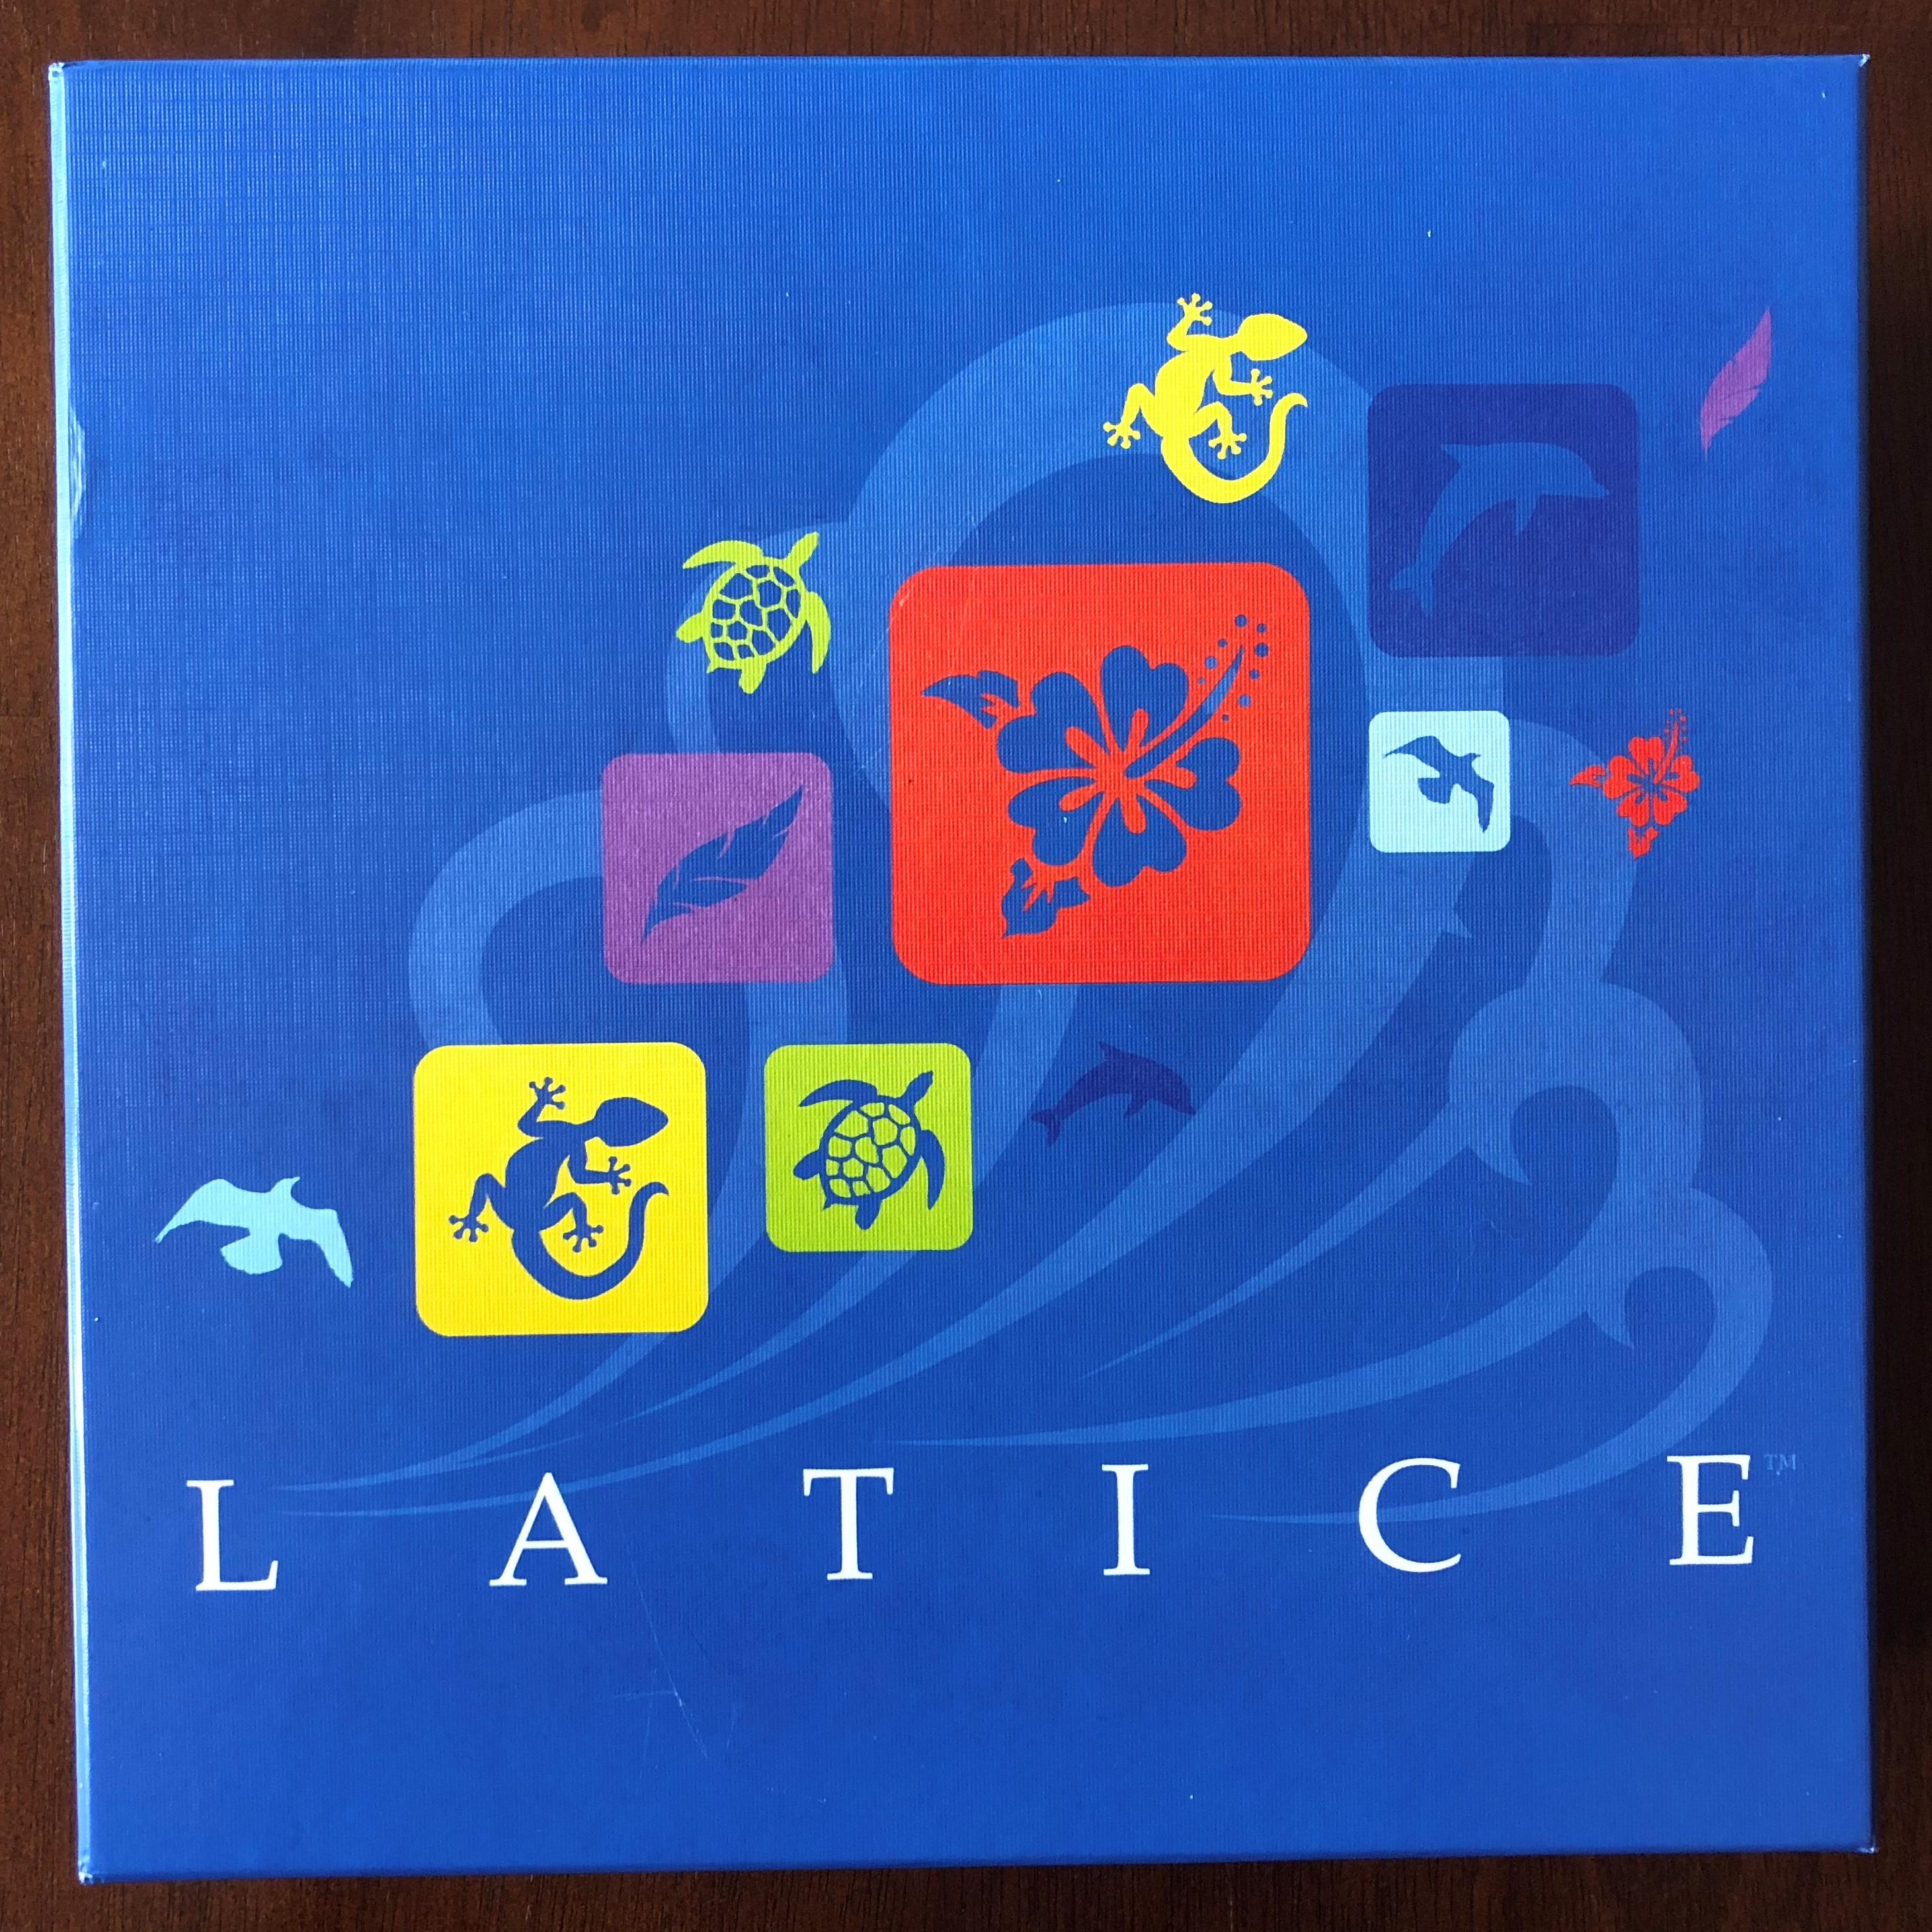 Latice